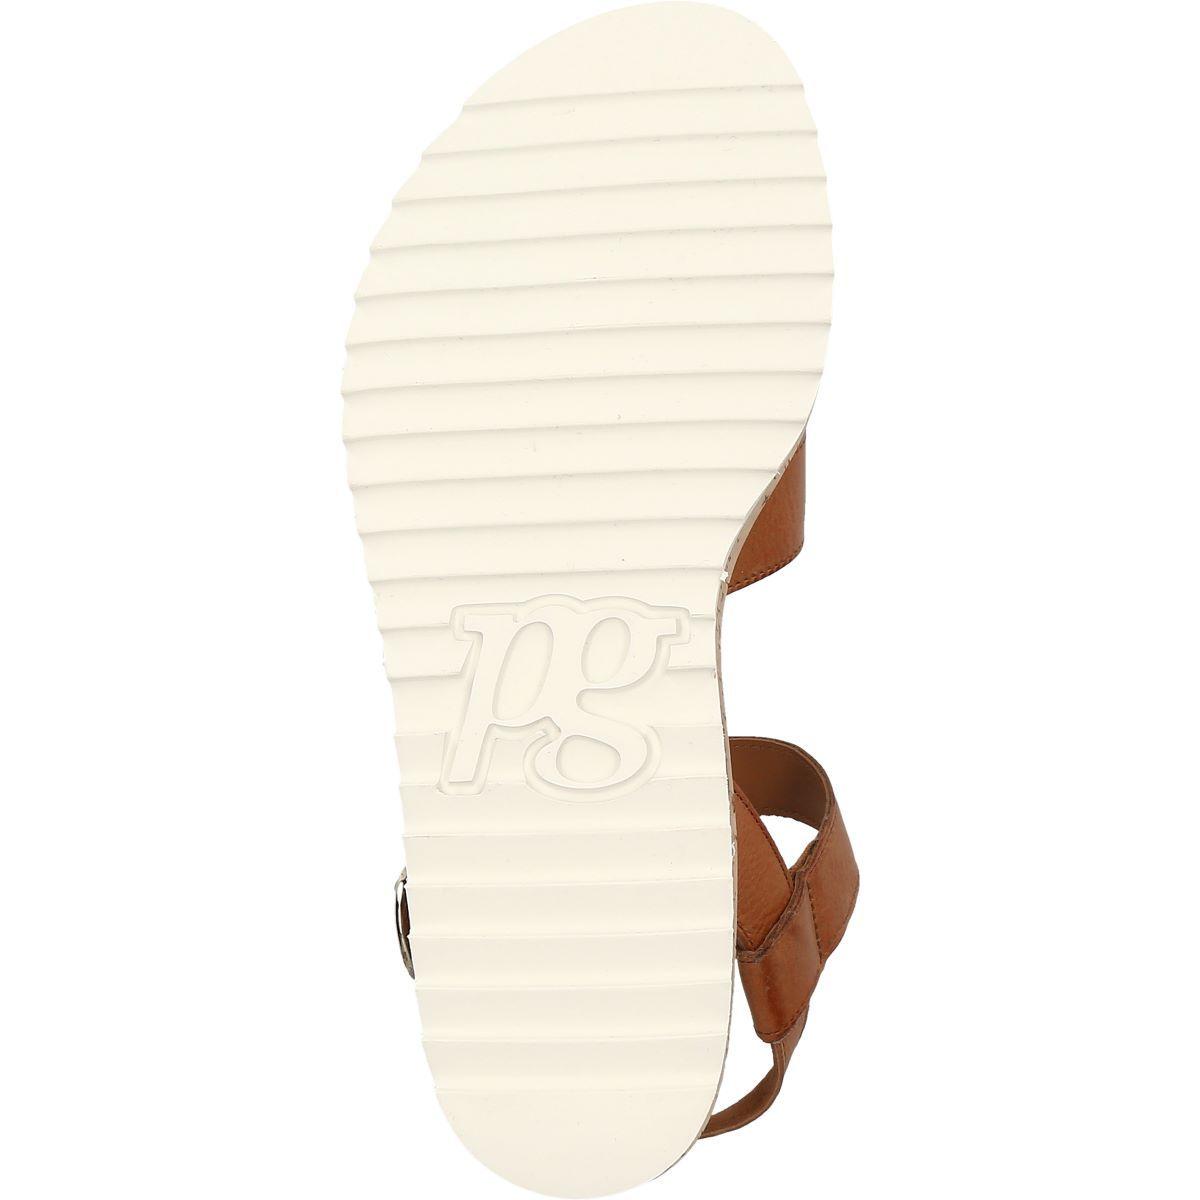 Sandale in Braun 7496 004 im Paul Green Online Shop kaufen